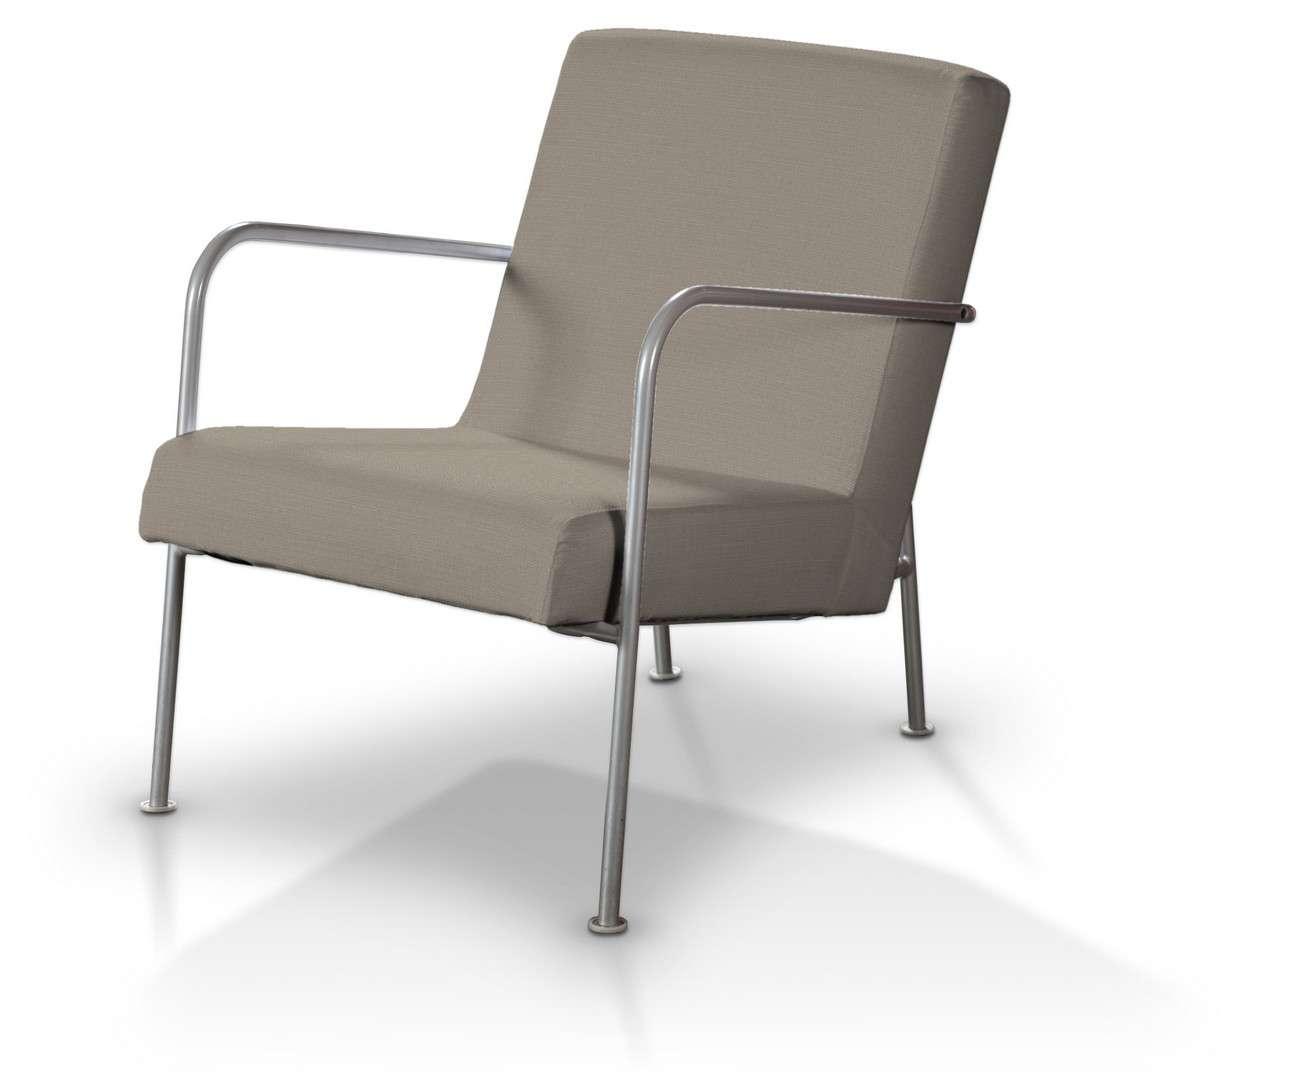 Pokrowiec na fotel Ikea PS w kolekcji Living, tkanina: 161-53